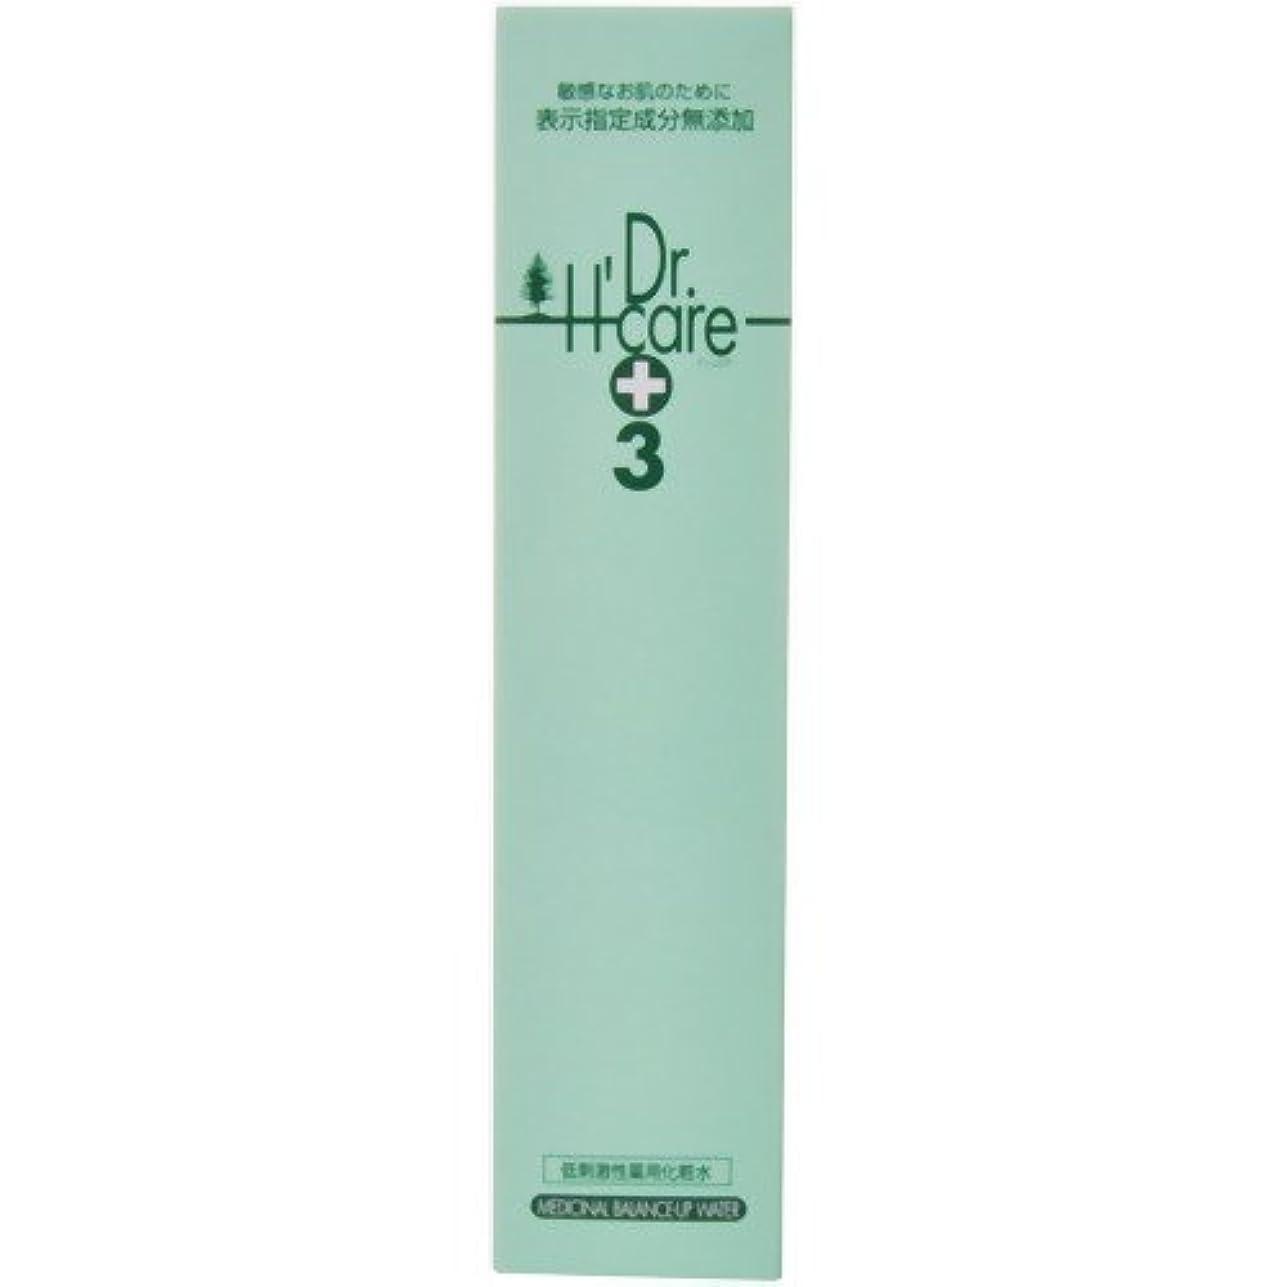 ぴかぴかとらえどころのない勧めるアシュケア 薬用 バランスアップウォーター (低刺激性化粧水) 120ml